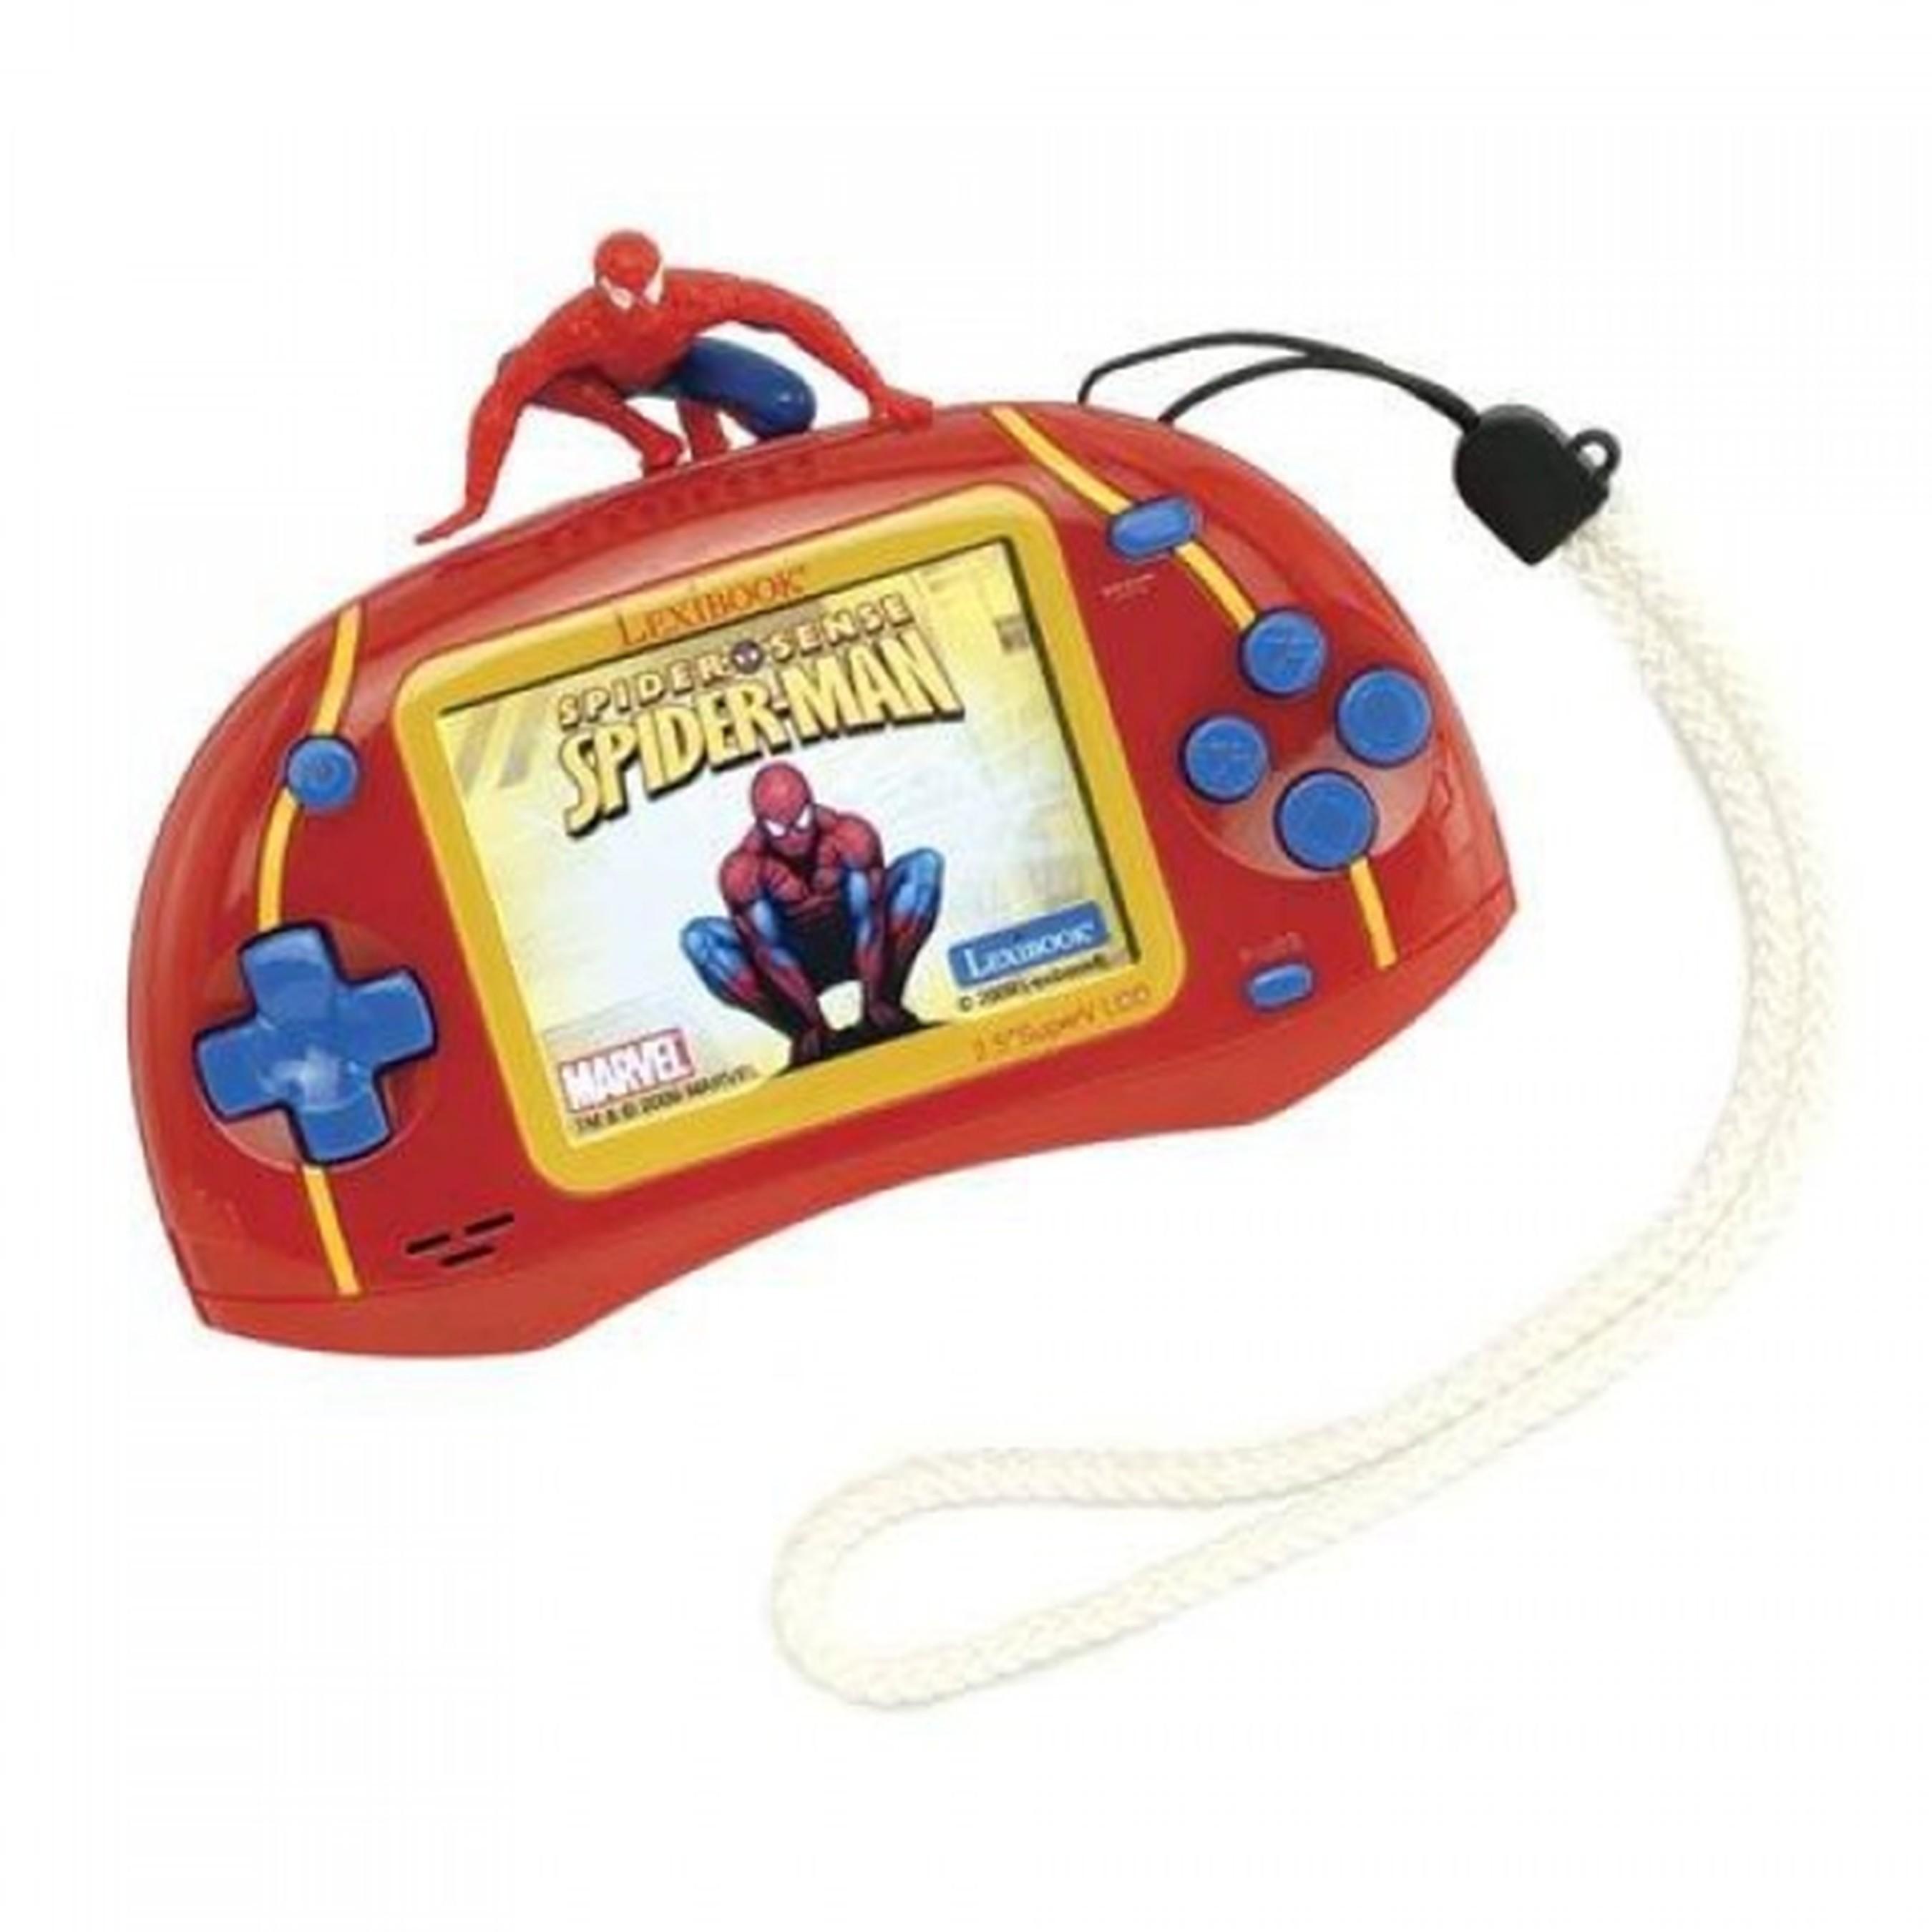 Lexibook lexibook consola spider man jl2500sp - Console de jeux lexibook ...